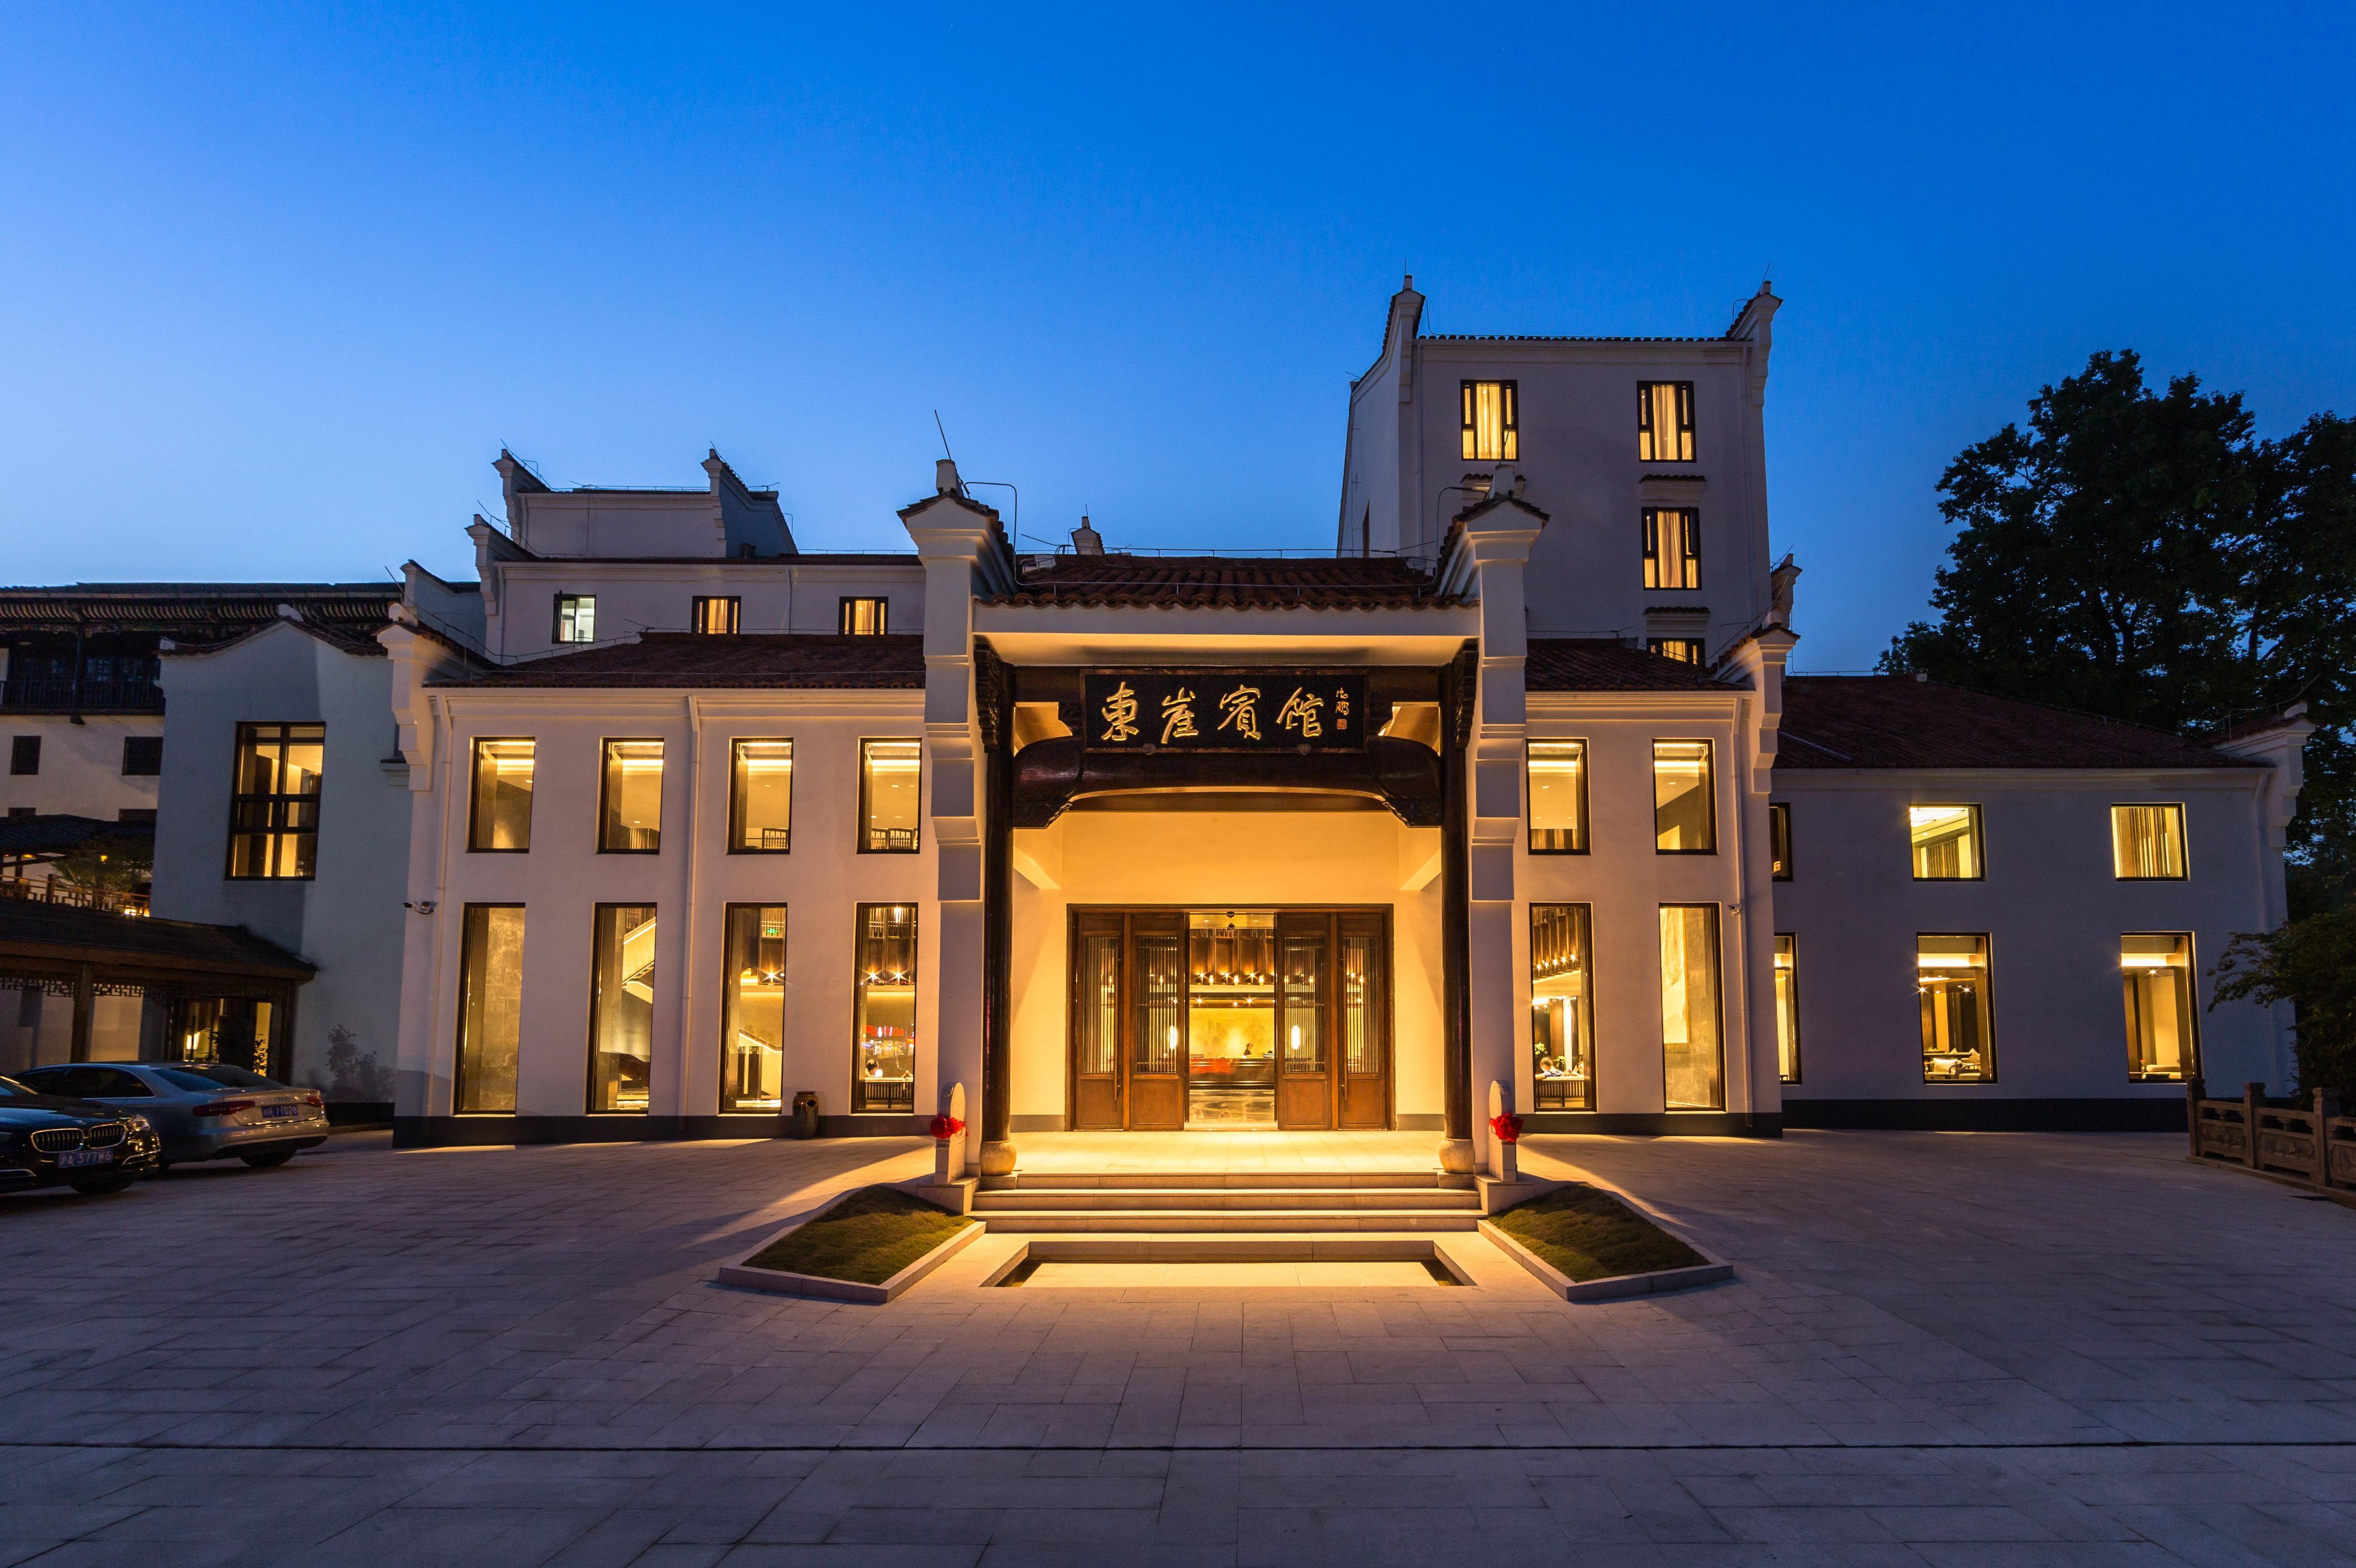 九华山东崖宾馆(山上禅意主题酒店)